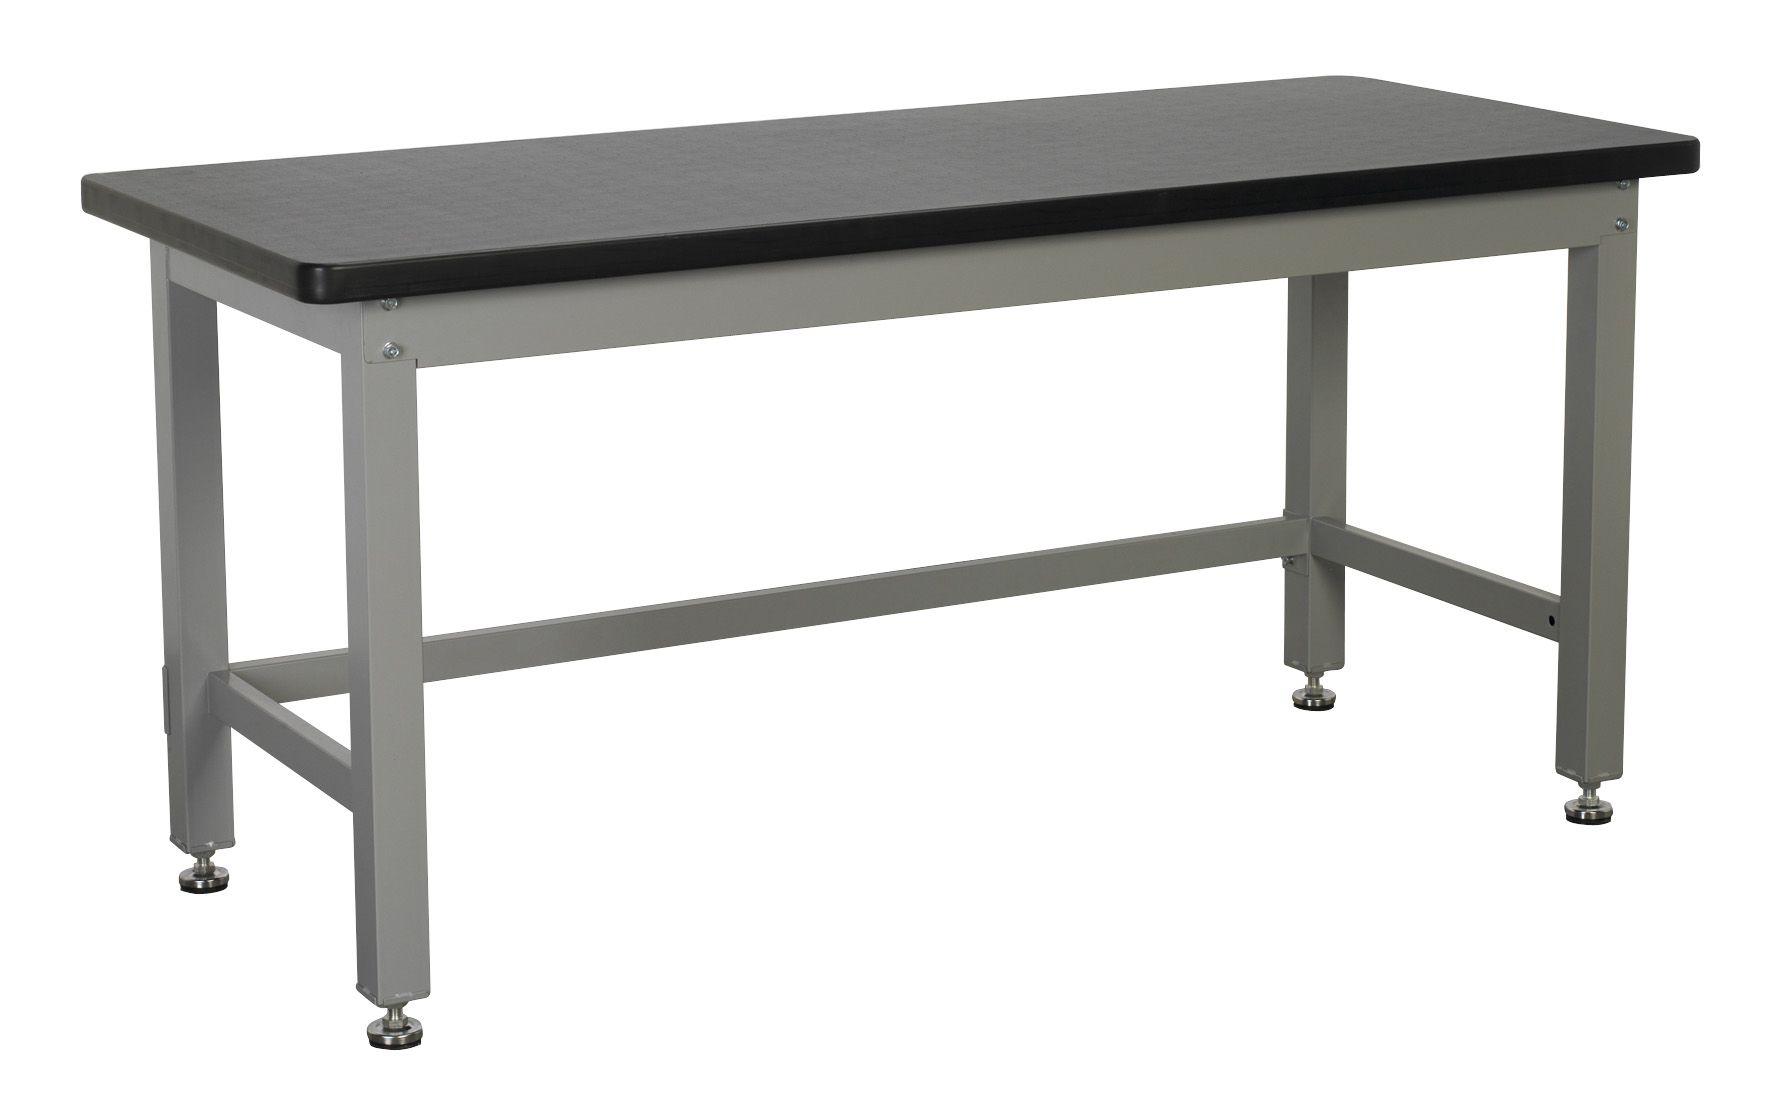 Sealey Workbench Steel Industrial 1.8m